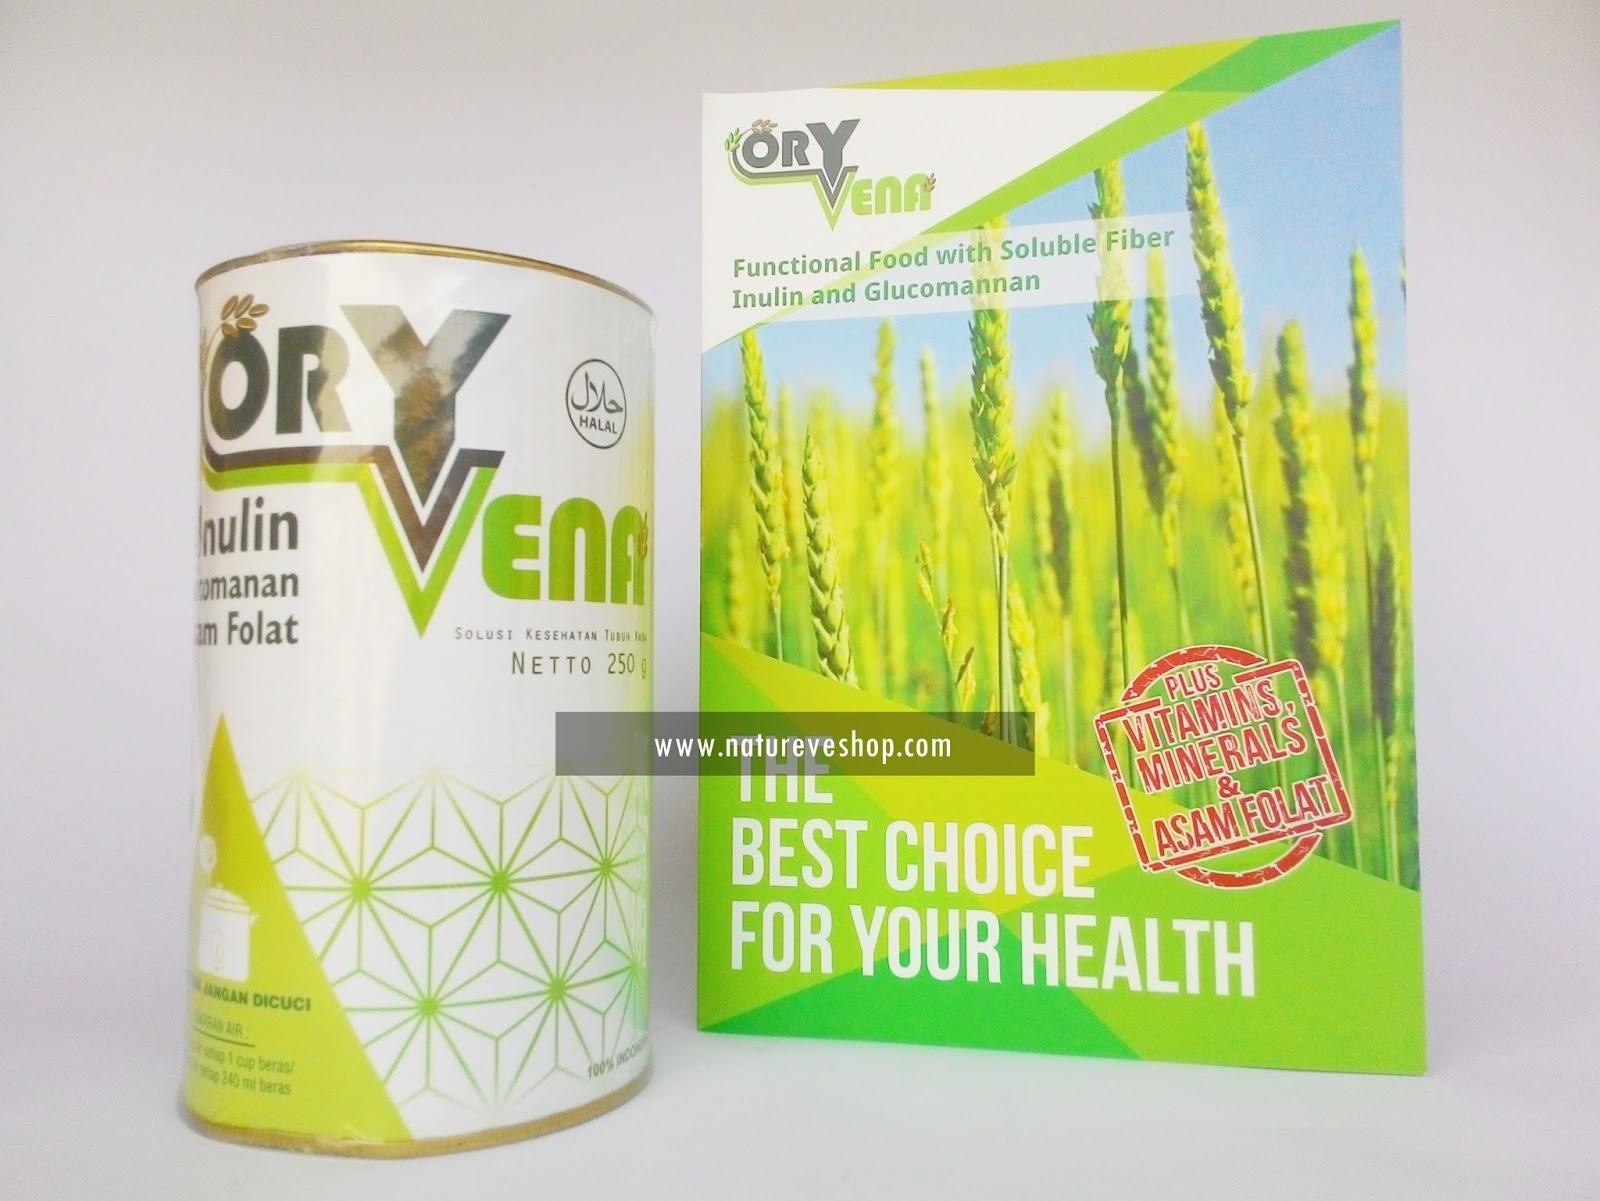 Pilihan Terbaik untuk Kesehatan dengan Beras Oryvena